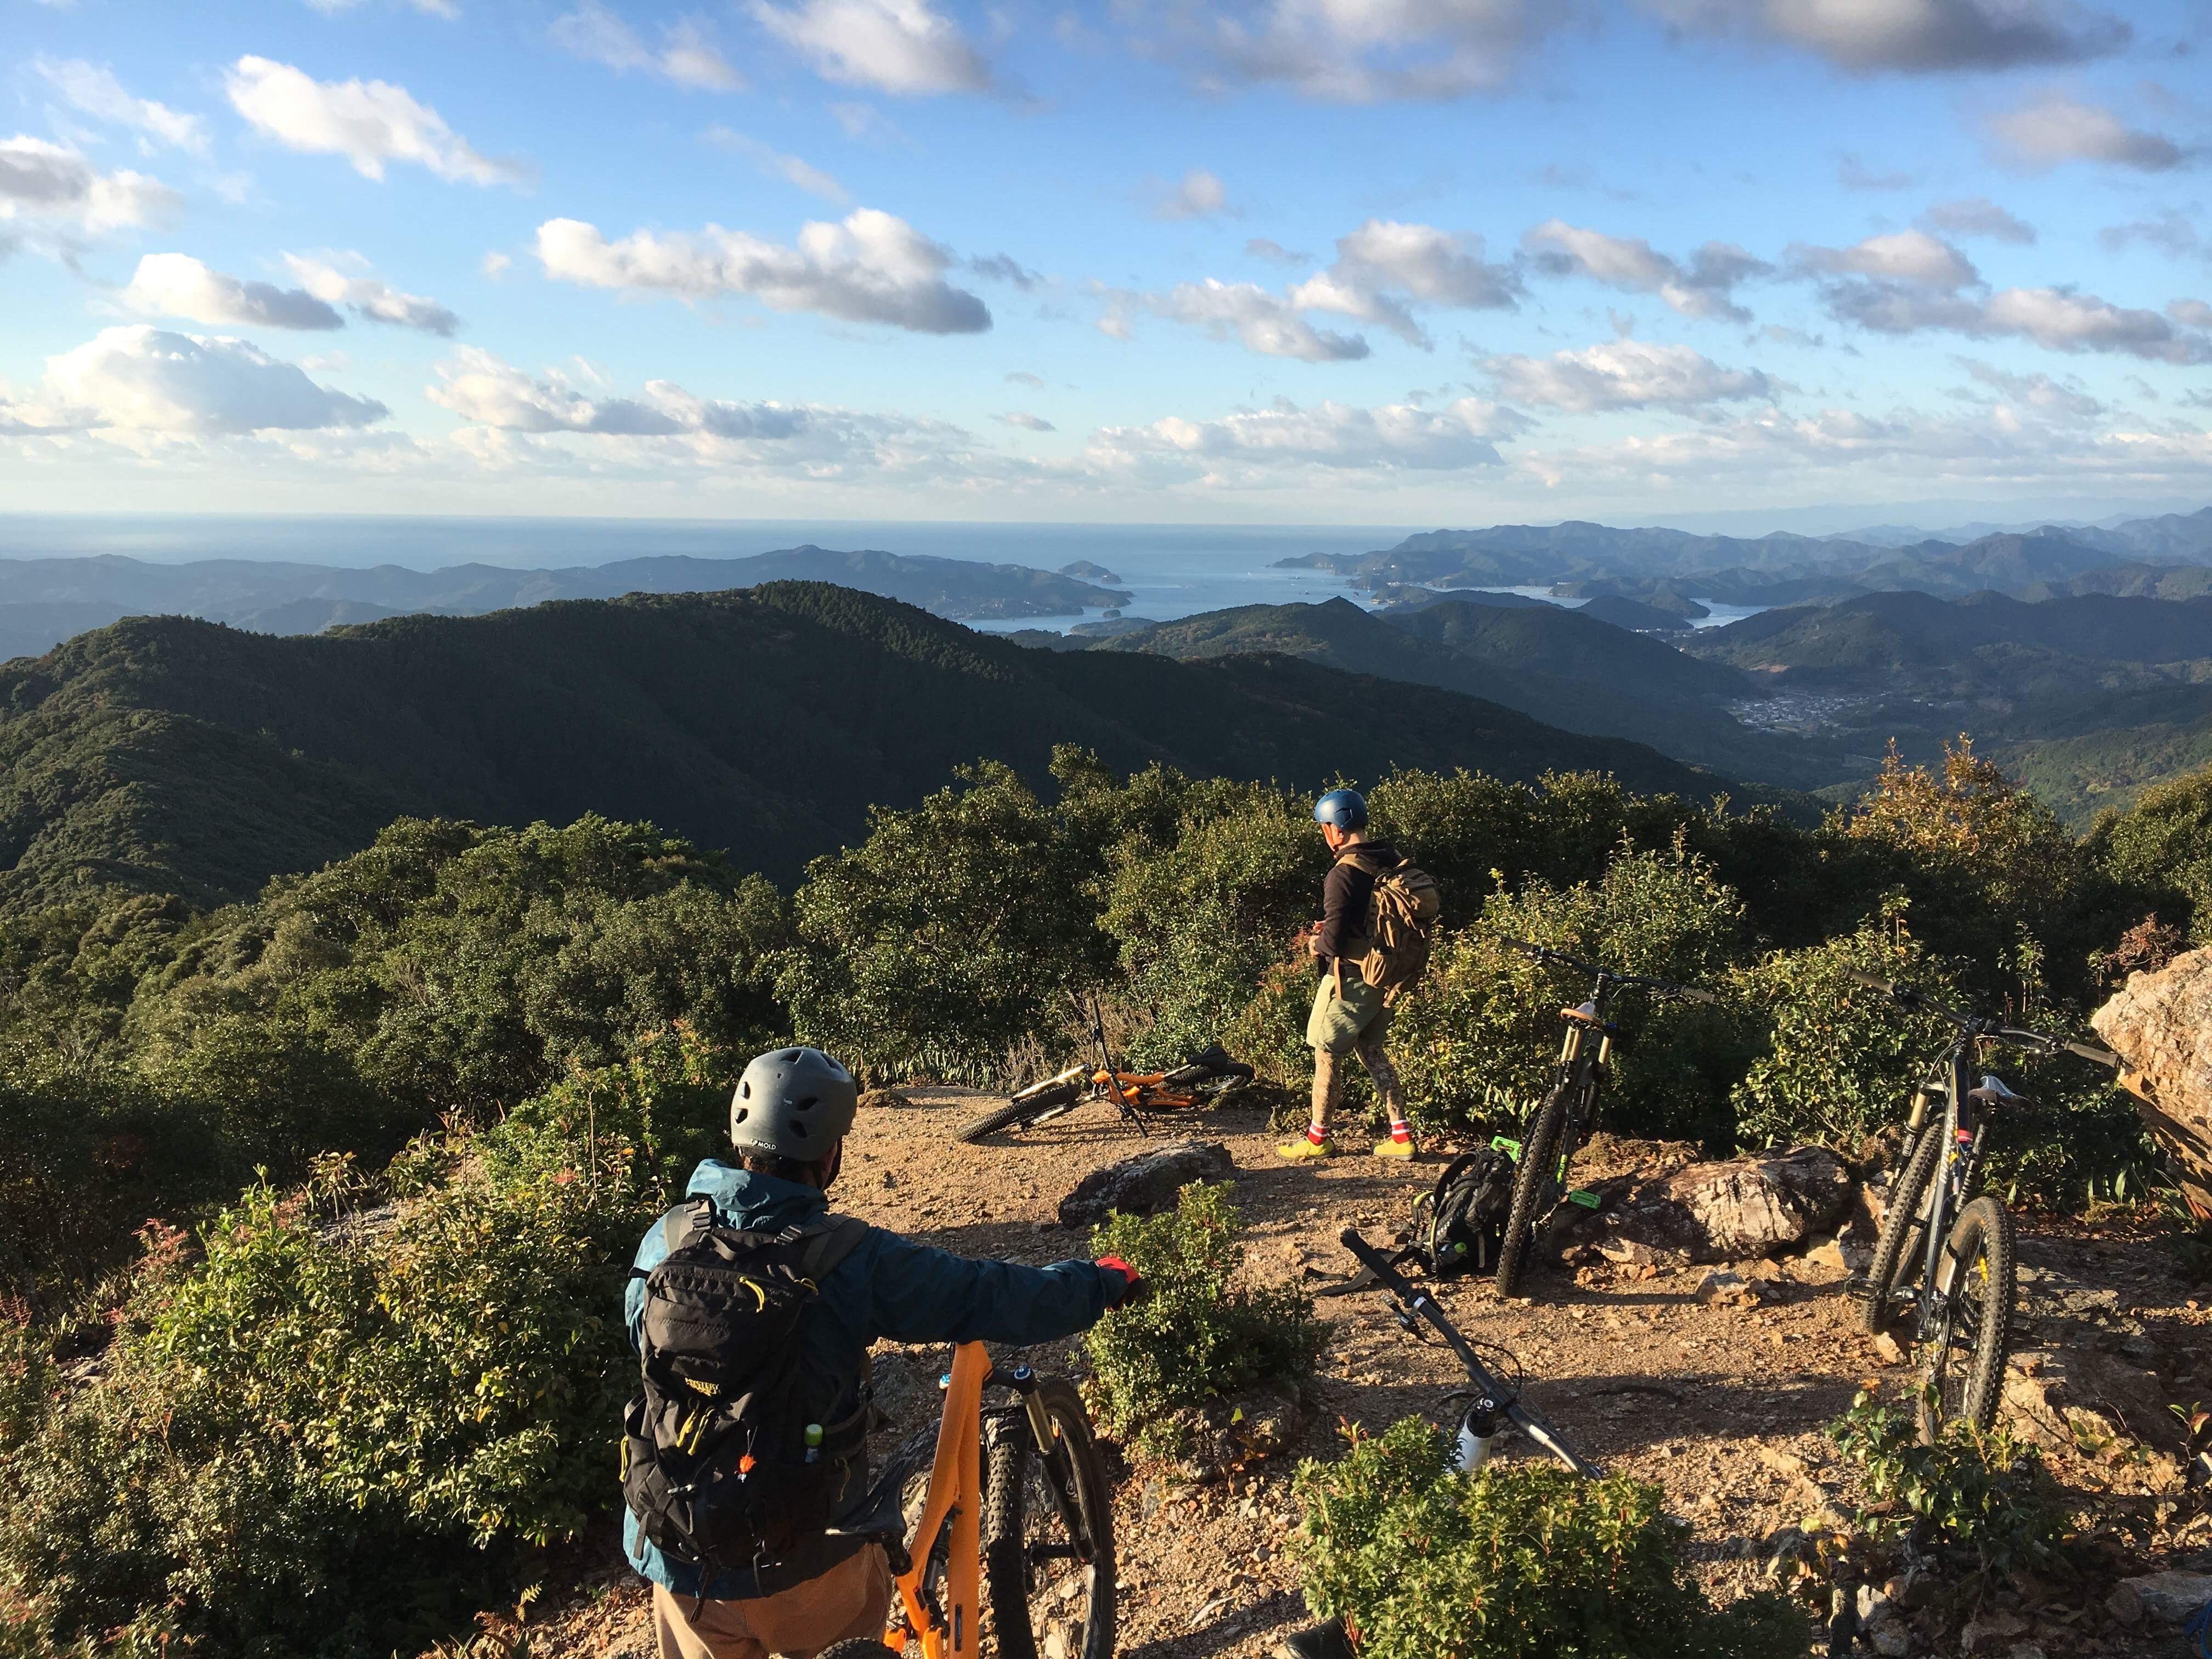 来月の山サイクリングよろしくお願い致します!